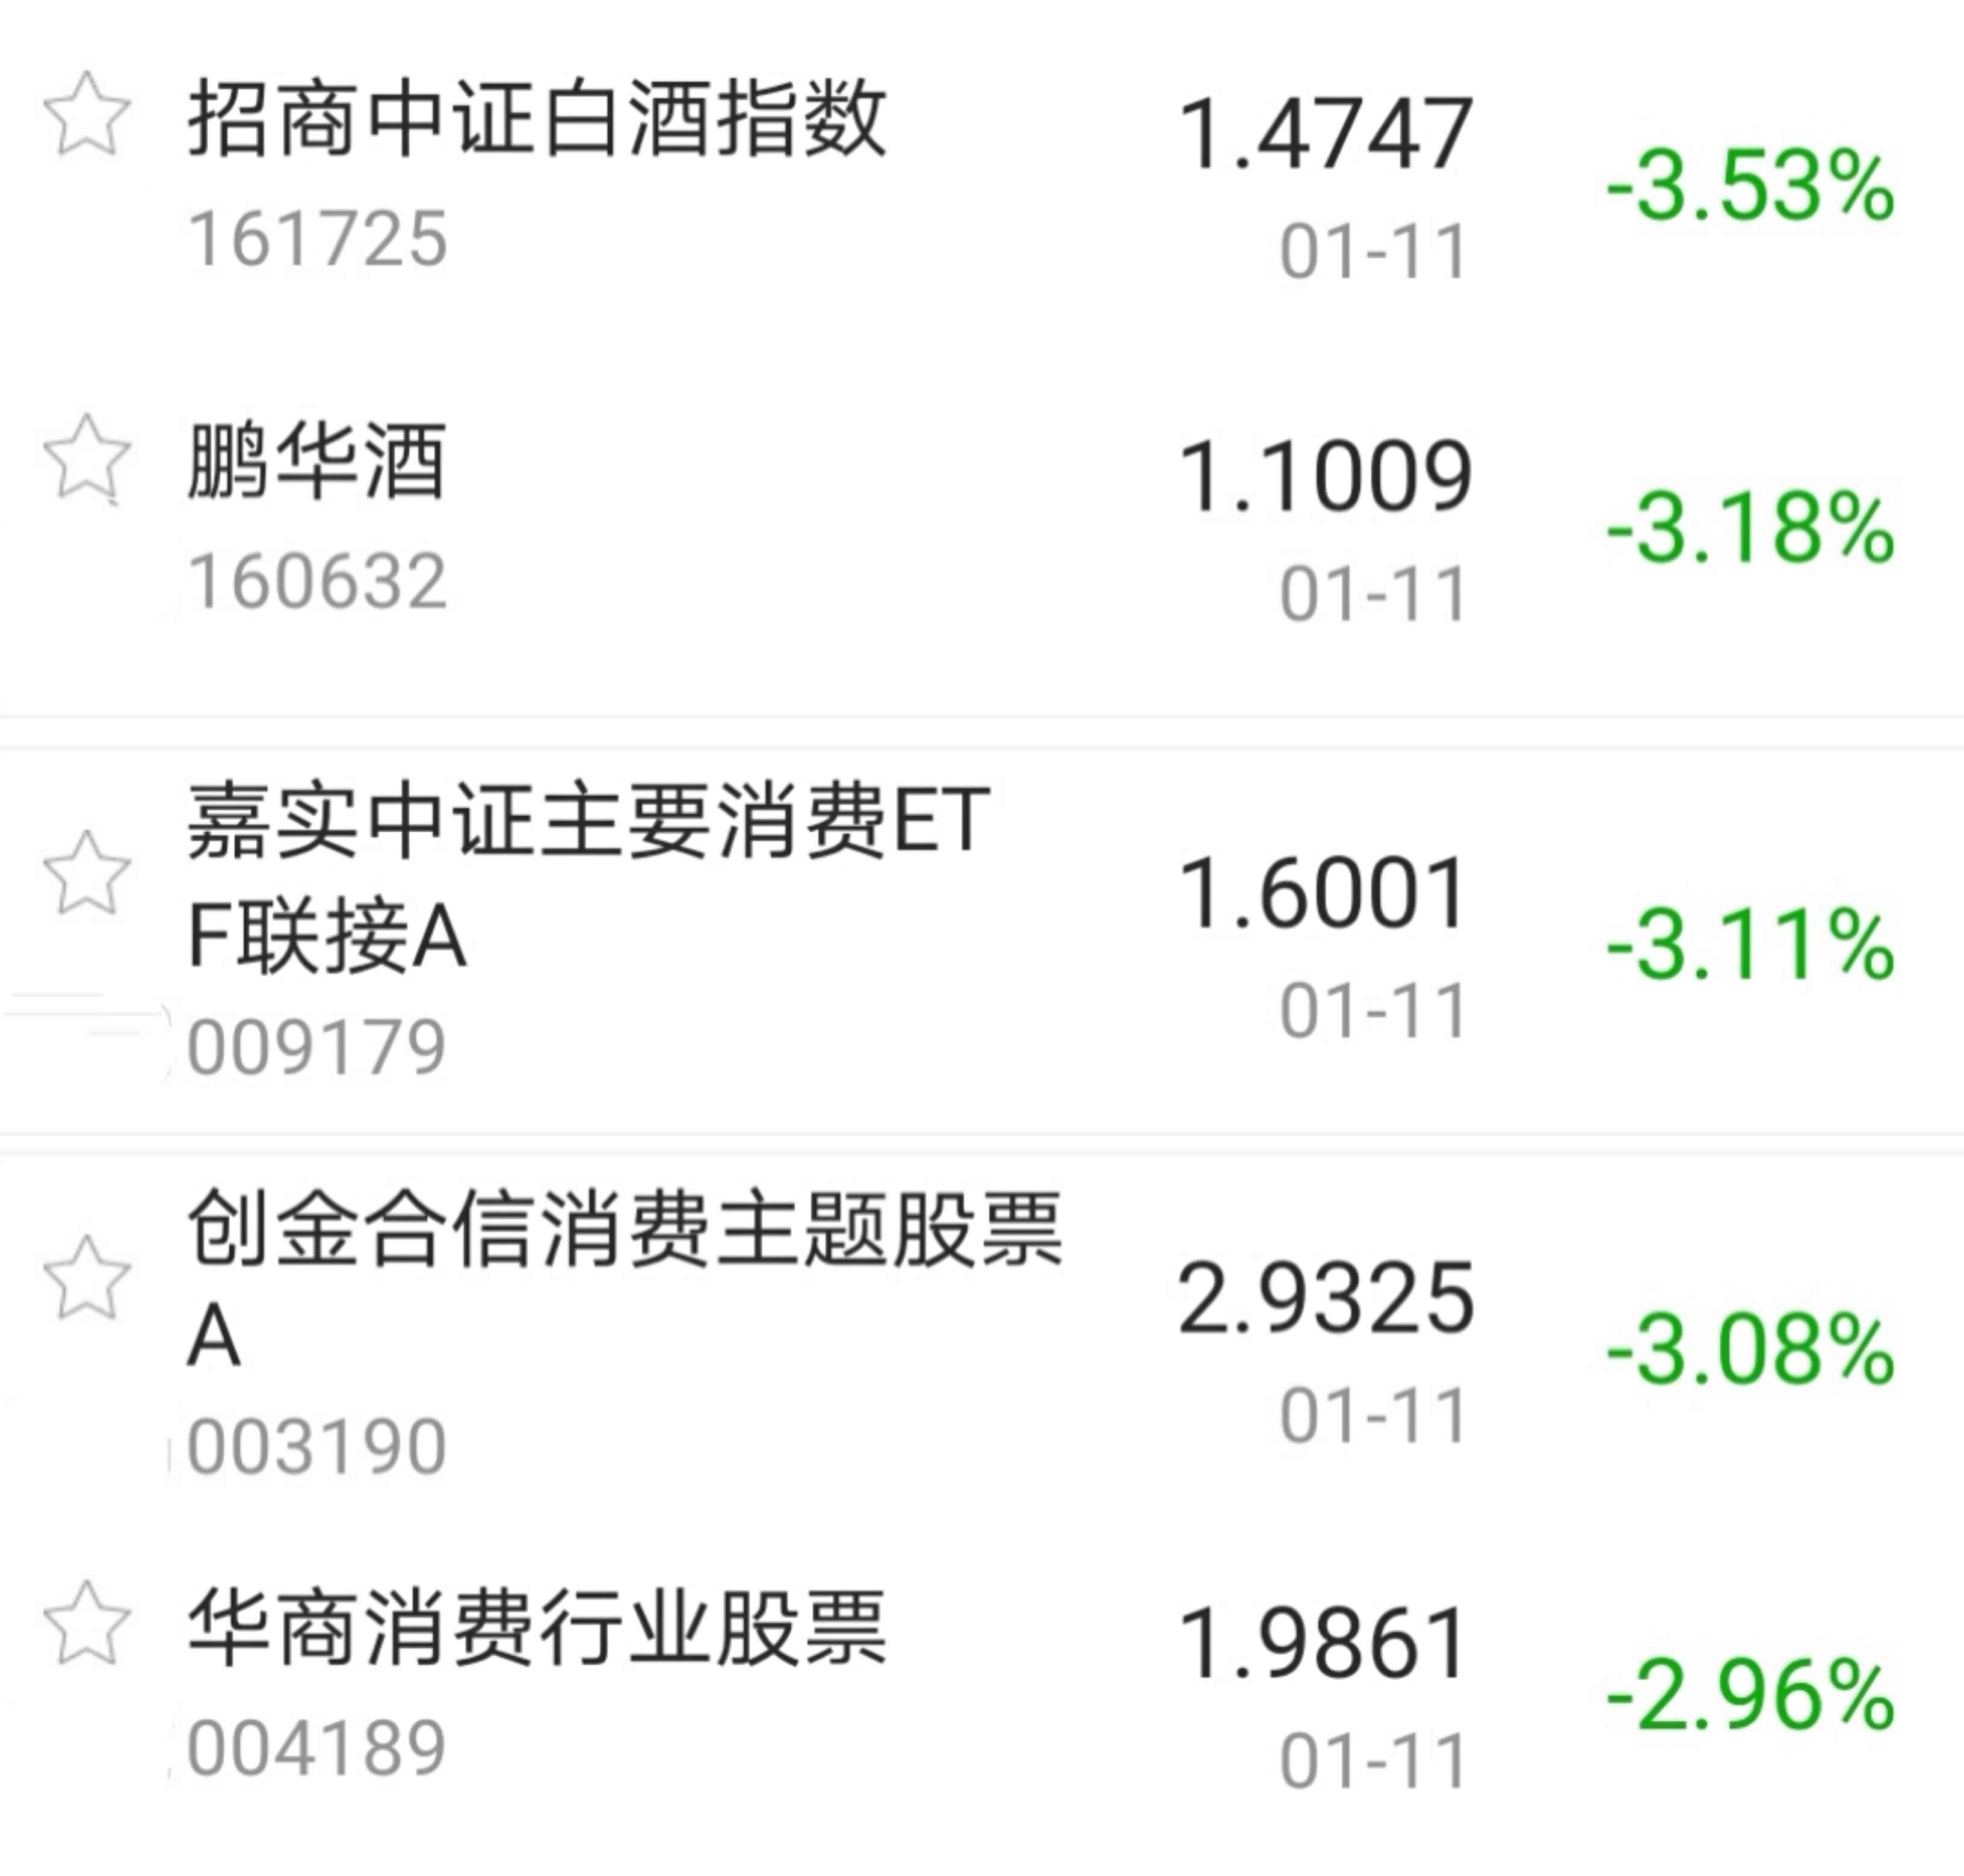 【今日盘点】创业板指跌近2%,科技主题基金逆势上涨;A股放量跳水,是上车机会吗?